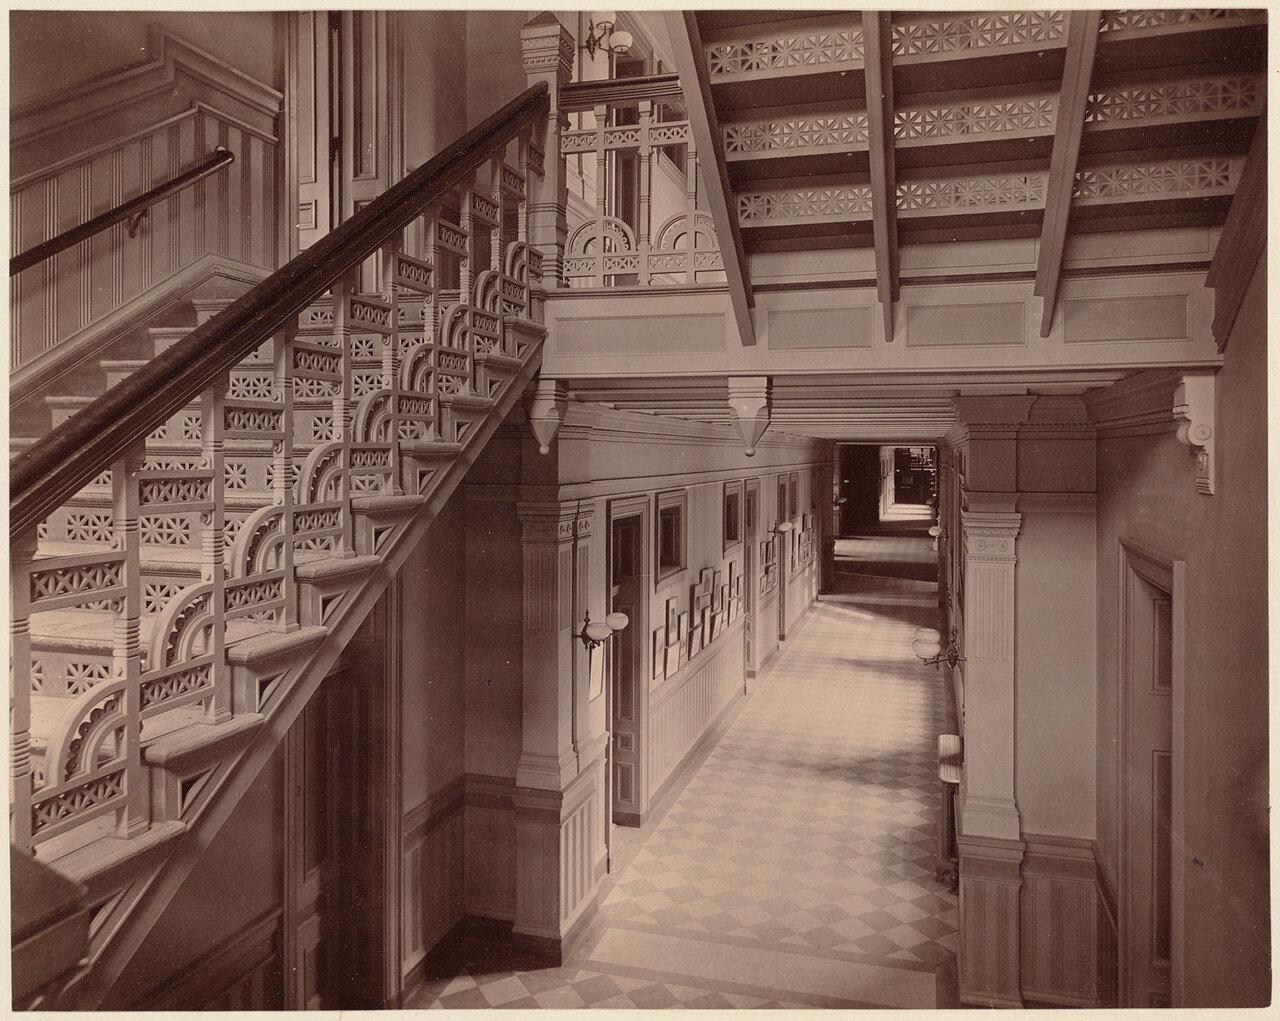 1893. Бостонская Латинская школа, длинный коридор с западного входа